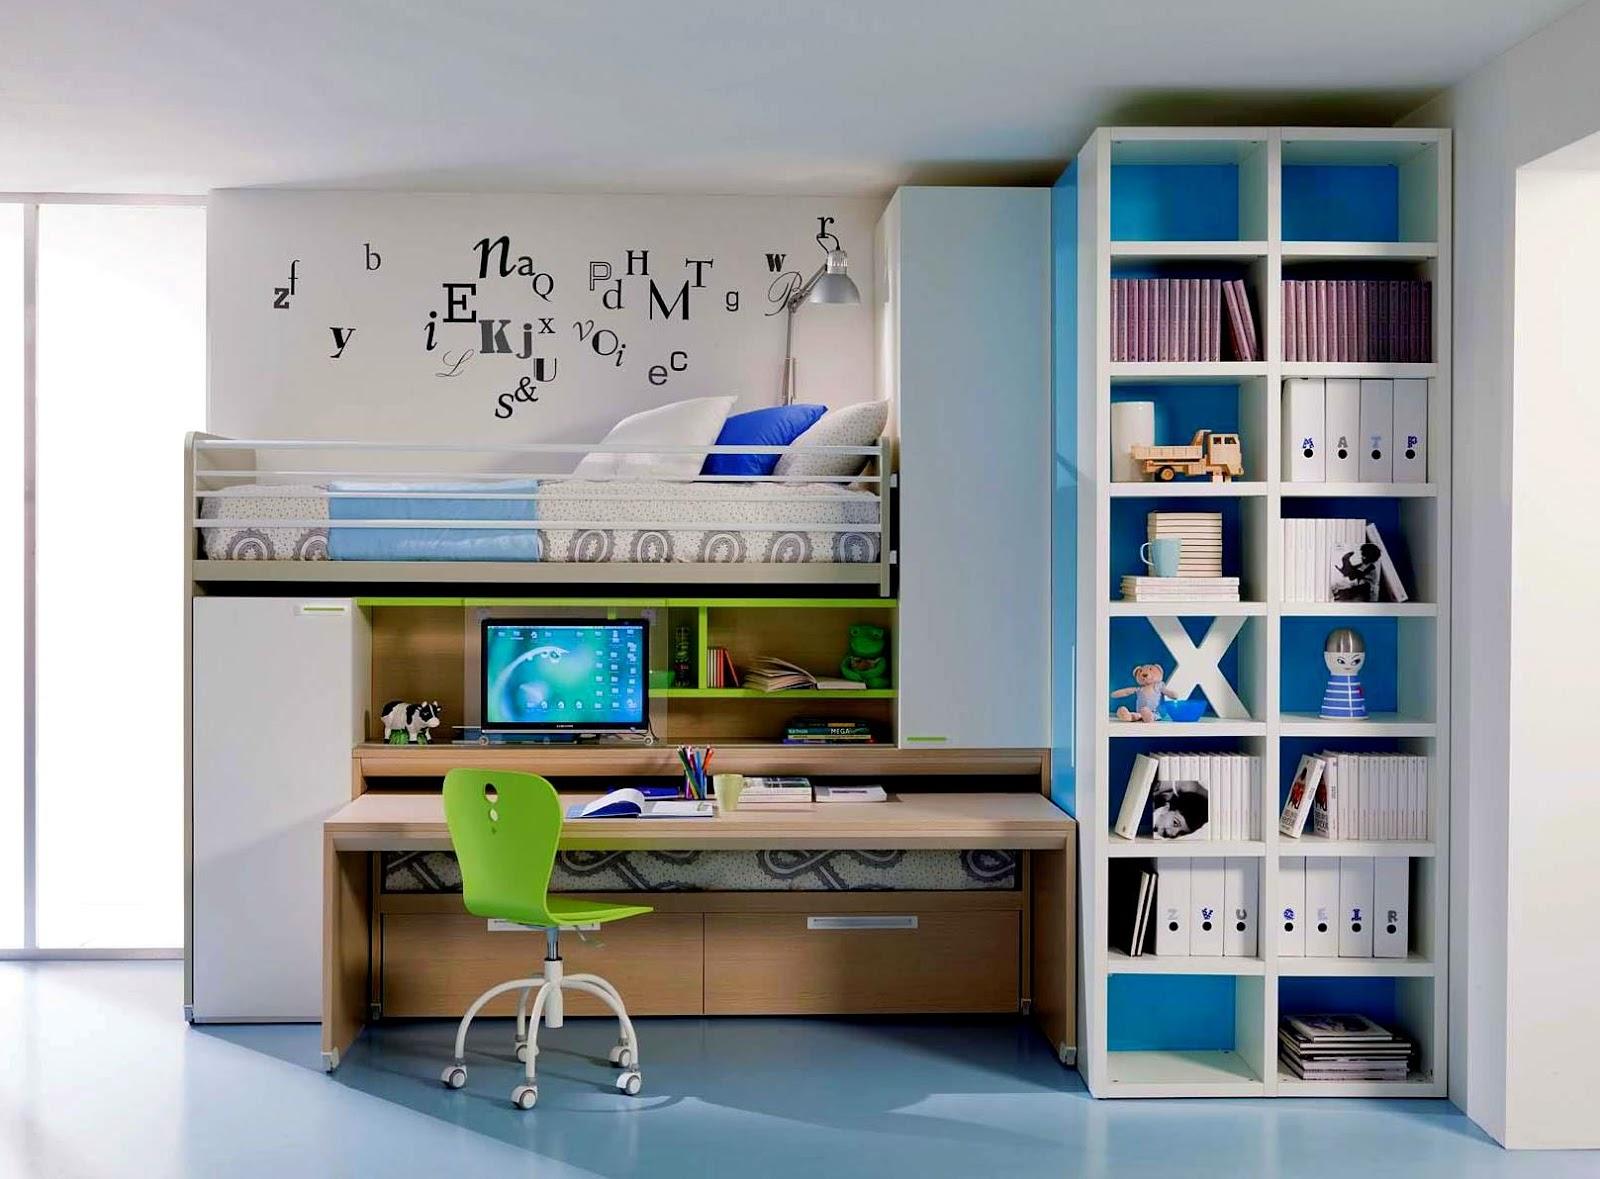 kreativiti dekorasi bilik tidur untuk anak remaja relaks